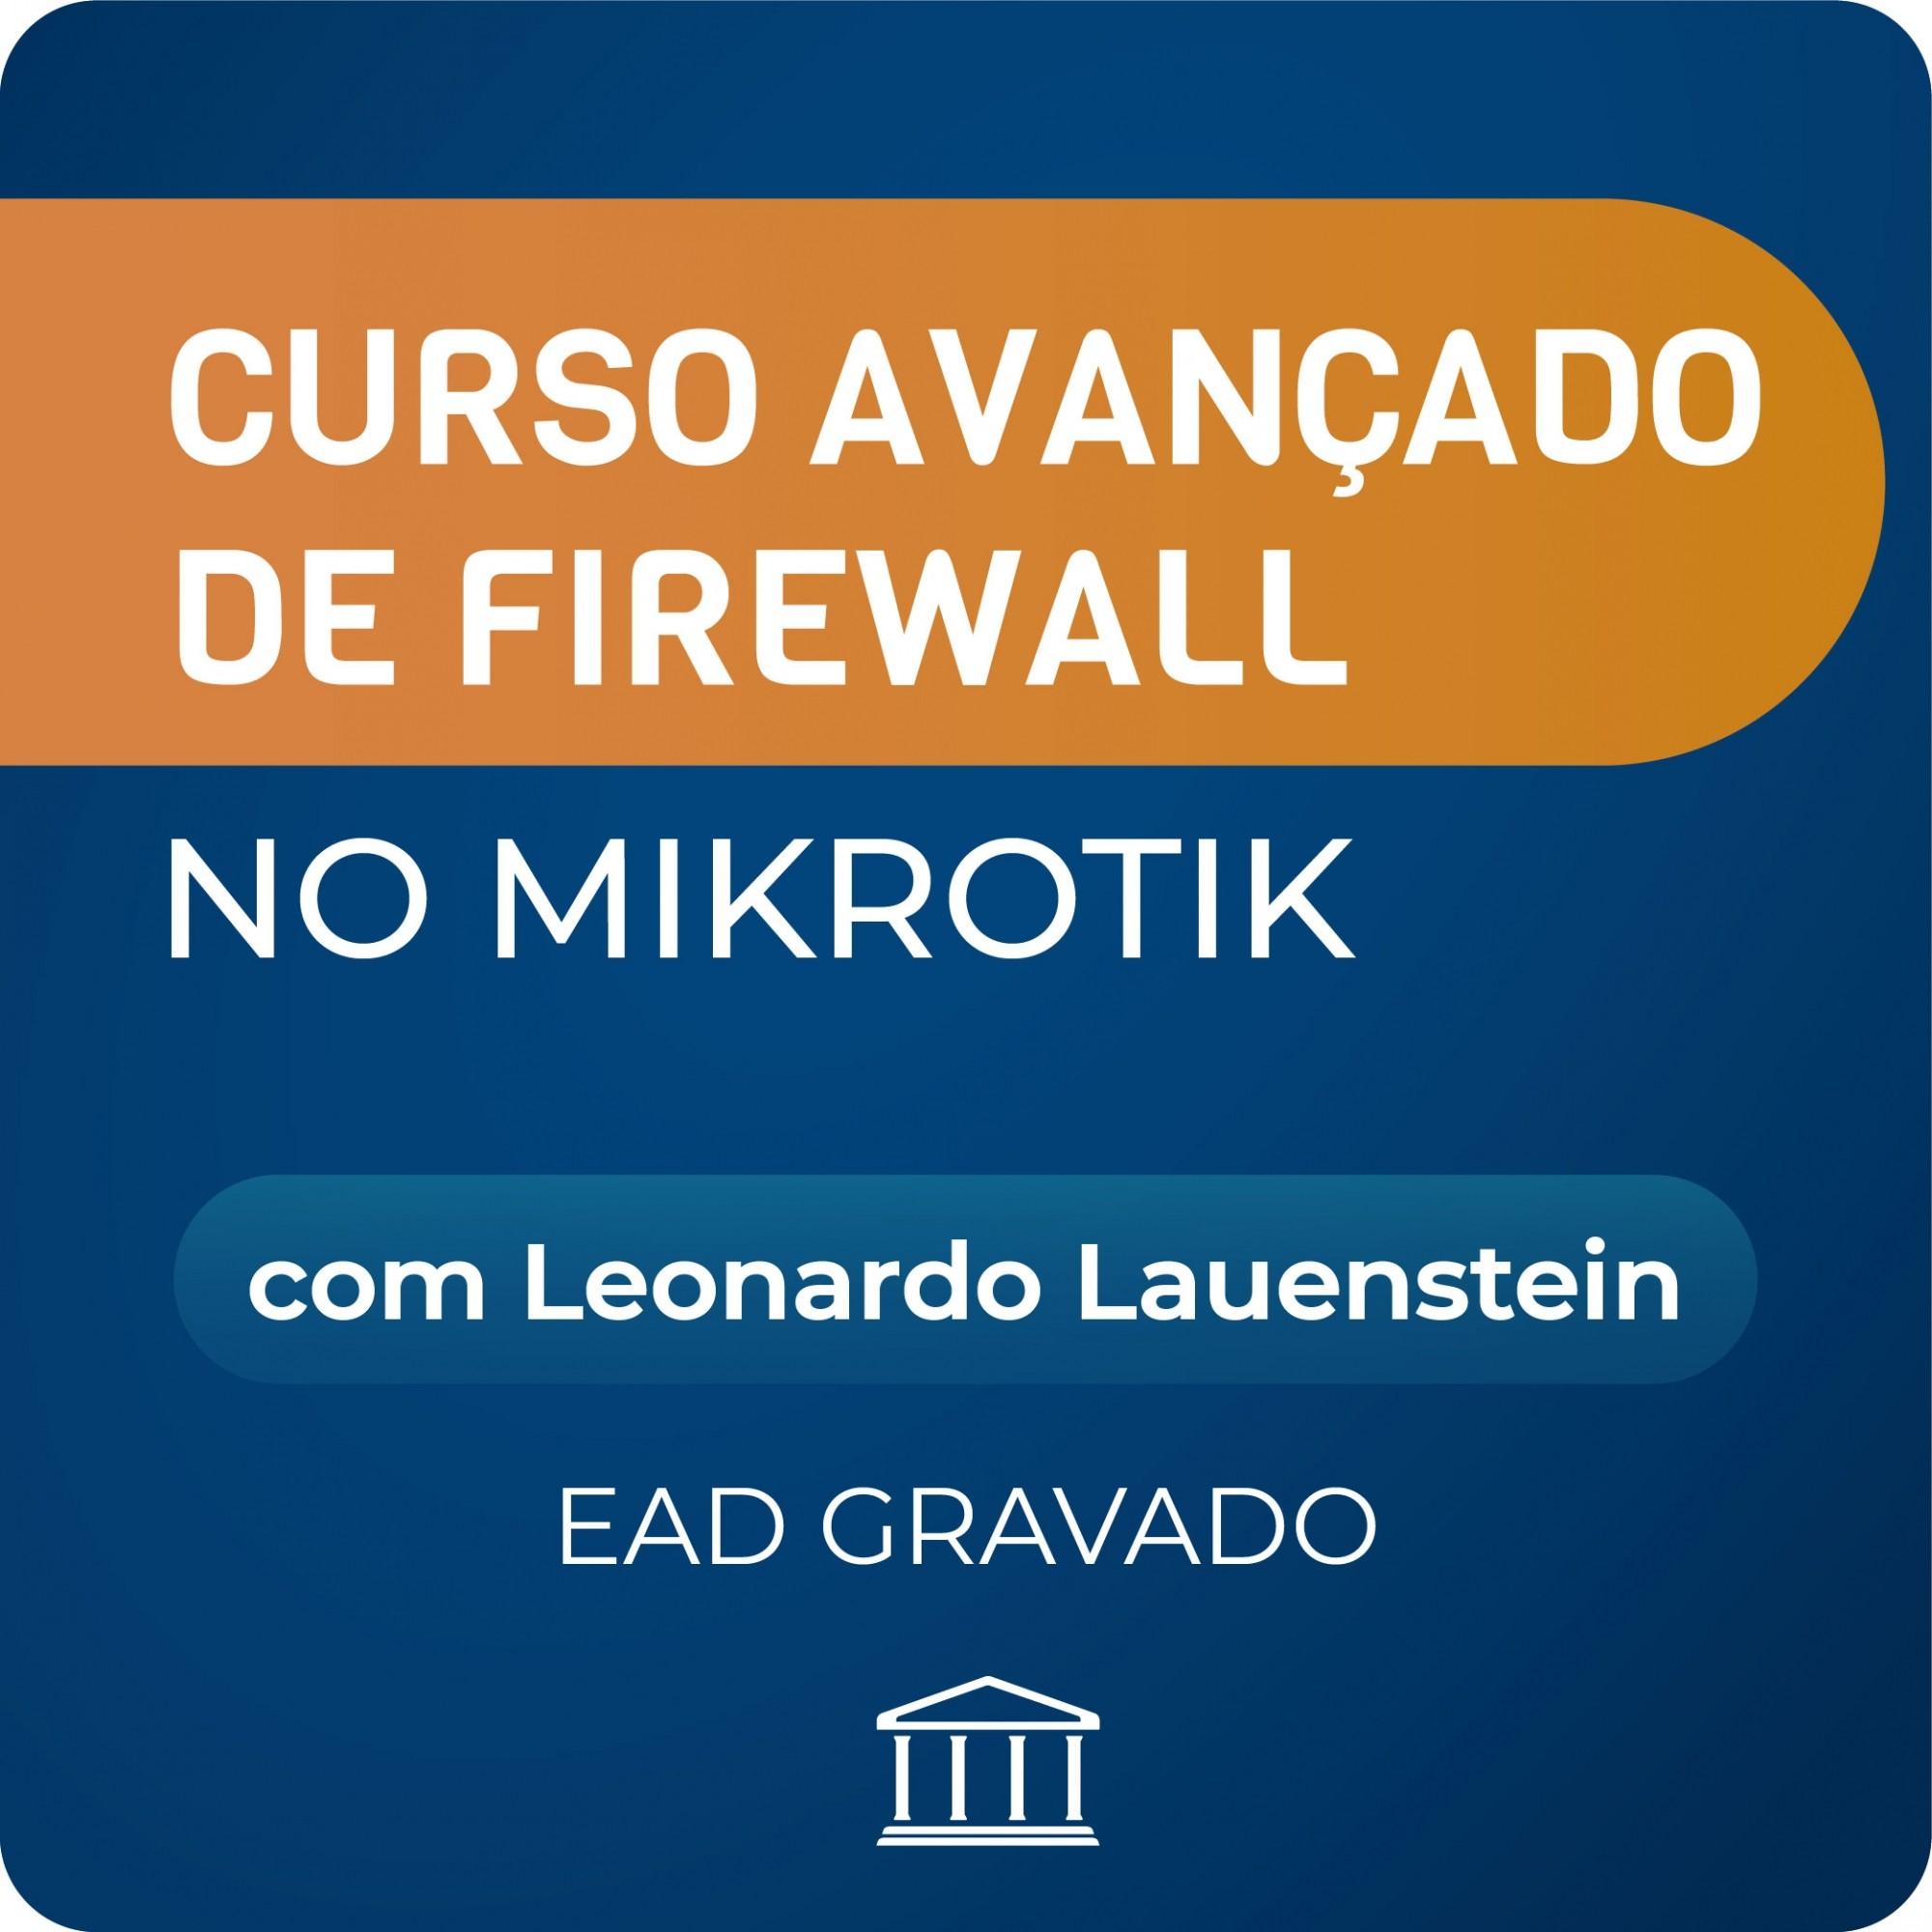 Curso Avançado de Firewall no MikroTik com Leonardo Lauenstein - GRAVADO  - Voz e Dados